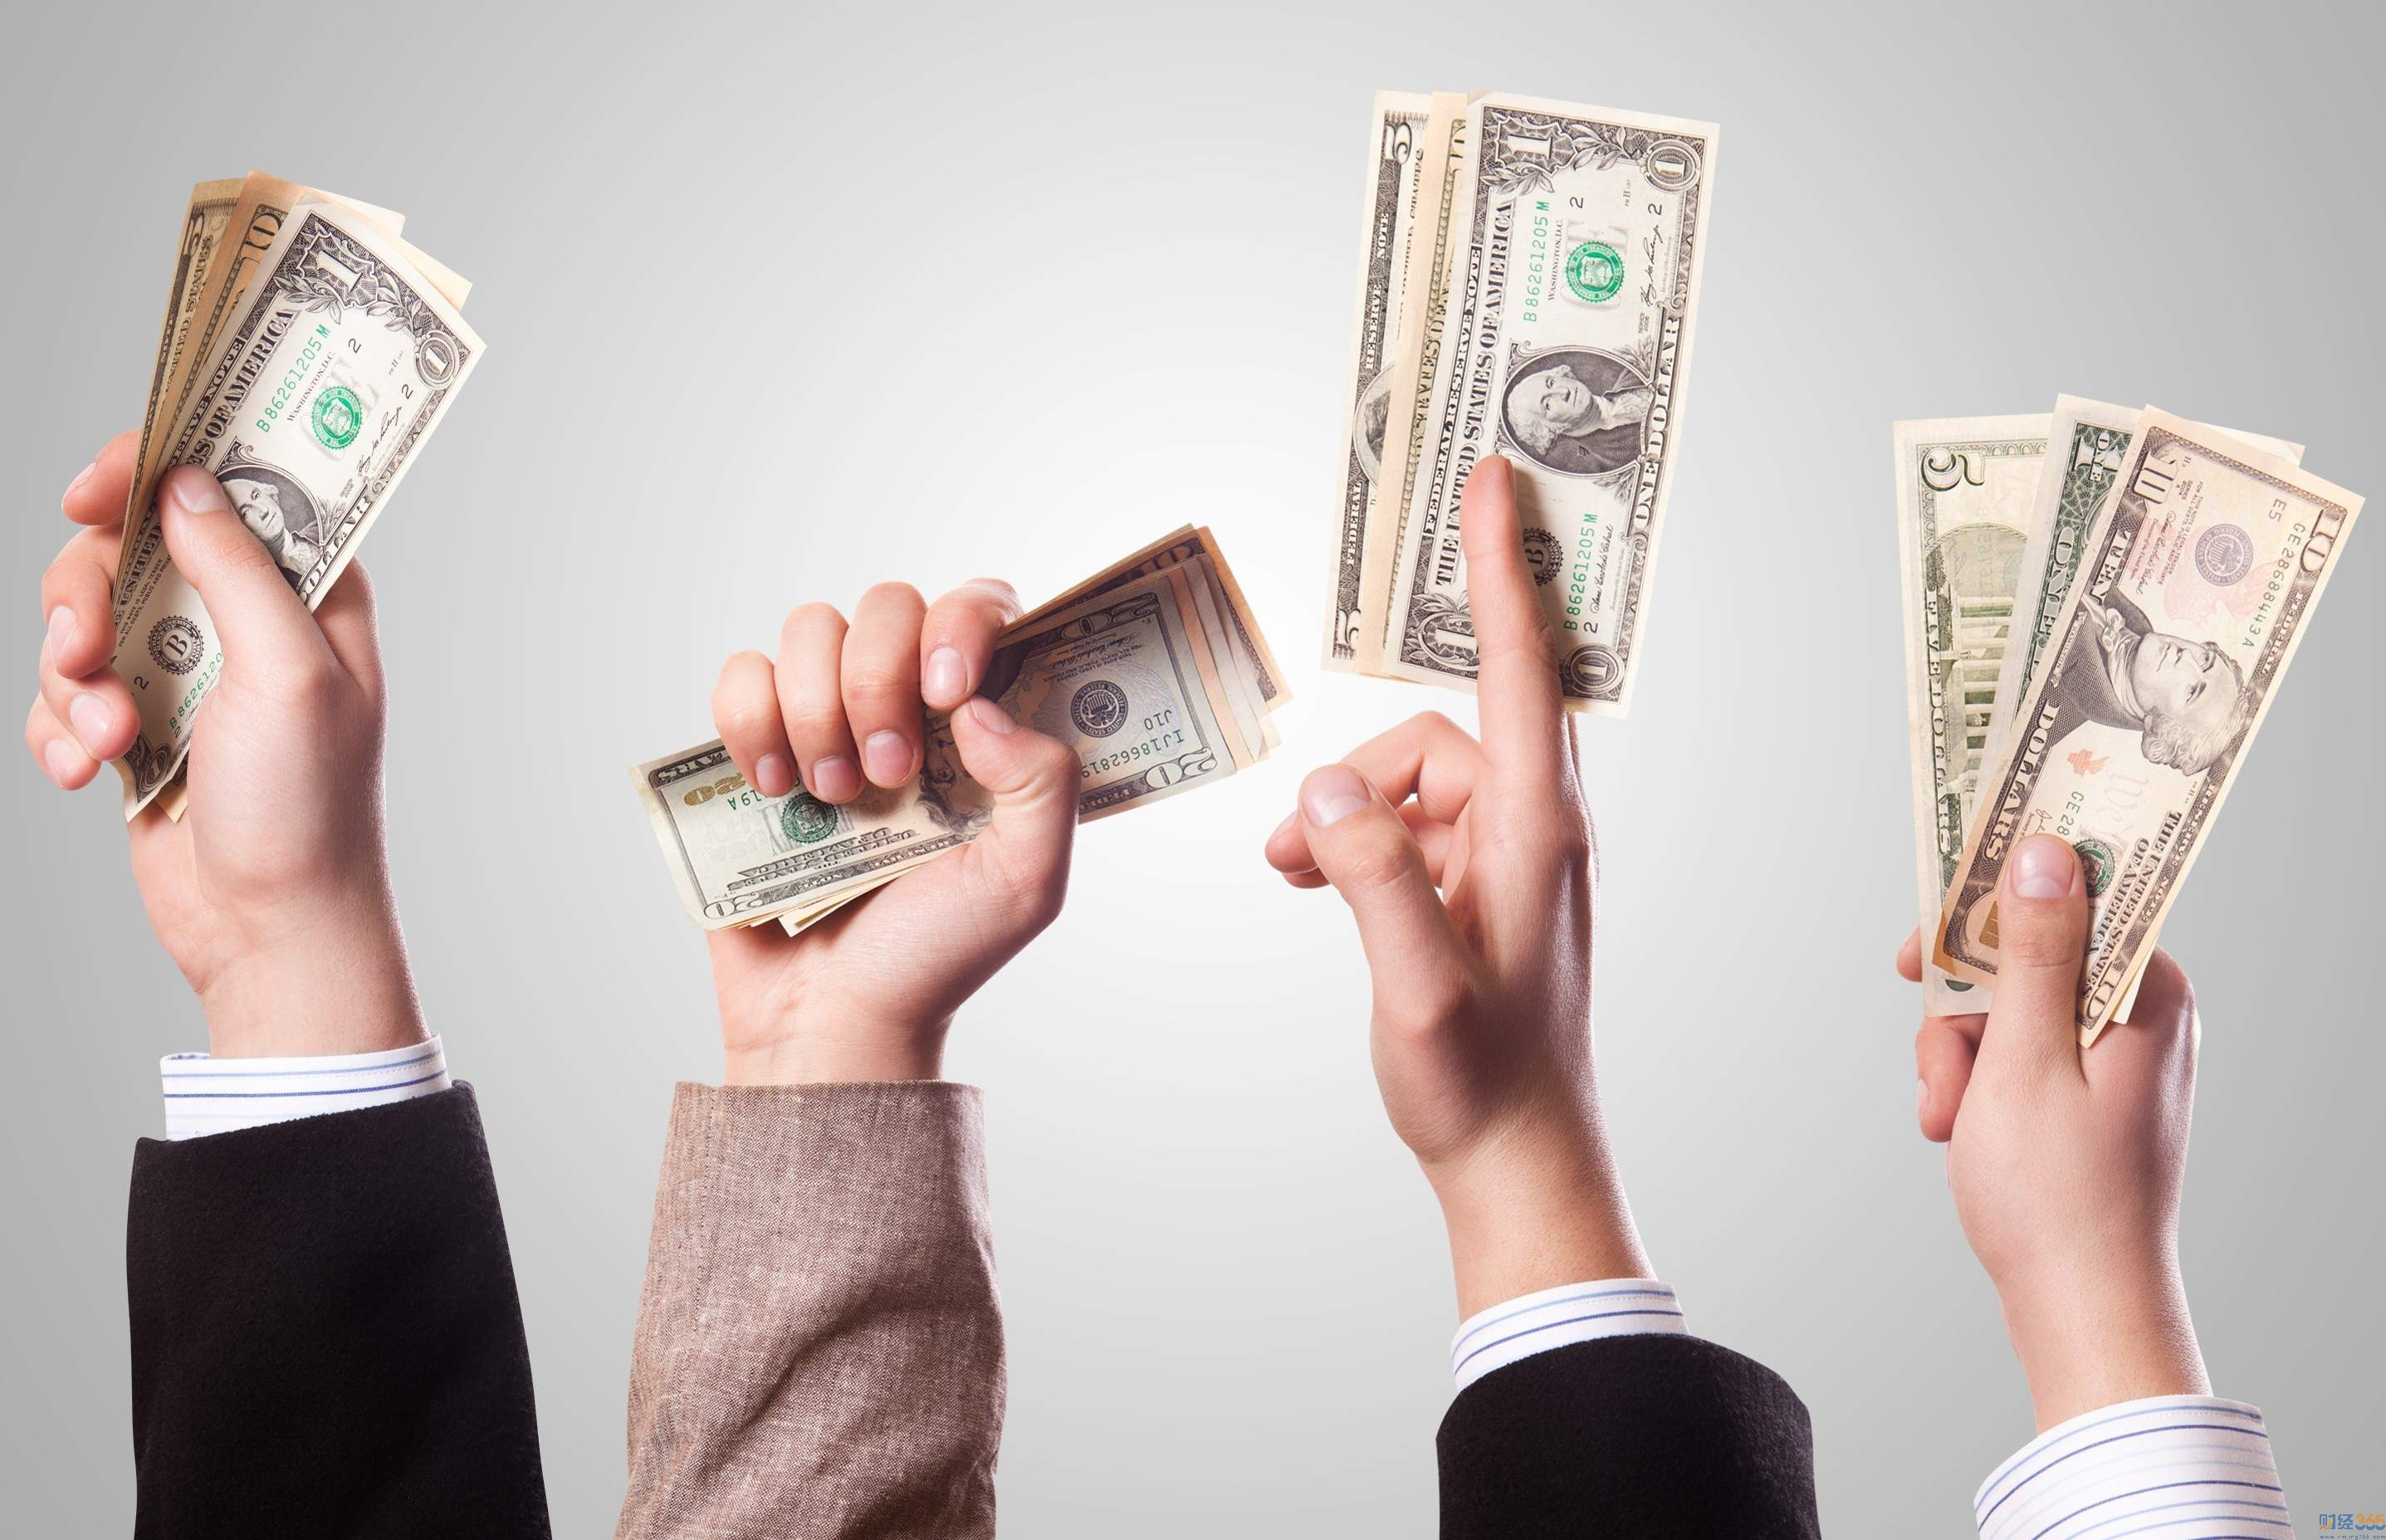 投资理财的选择-正确认识储蓄与投资 新手必学知识!